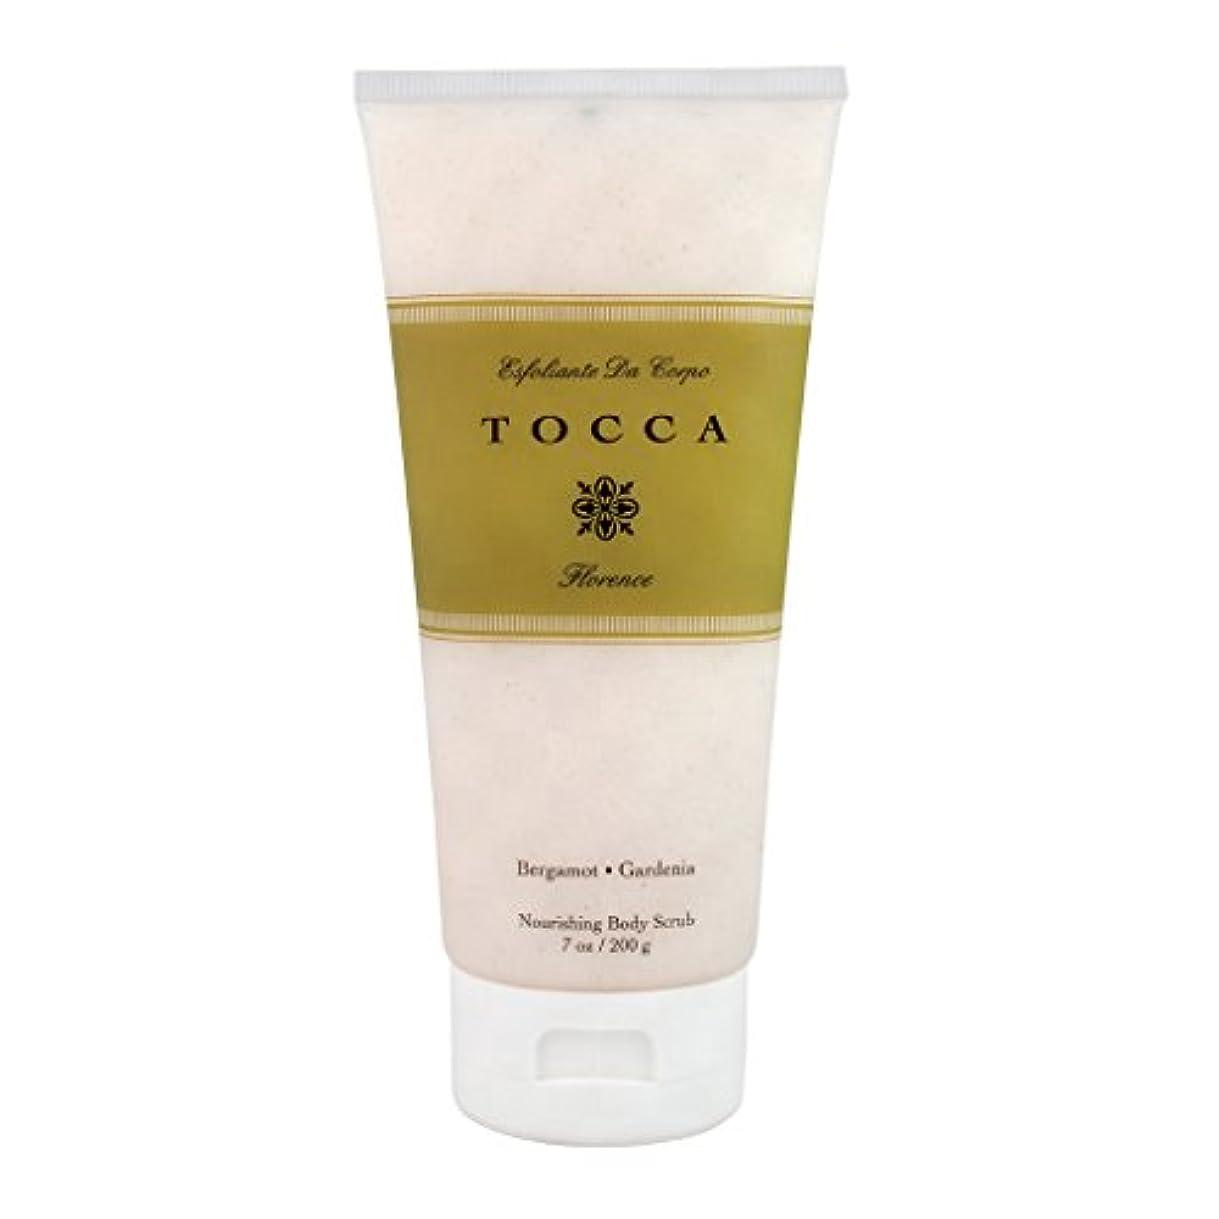 マーチャンダイジング自伝美徳トッカ(TOCCA) ボディーケアスクラブ フローレンスの香り 200ml(全身?ボディー用マッサージ料 ガーデニアとベルガモットが誘うように溶け合うどこまでも上品なフローラルの香り)